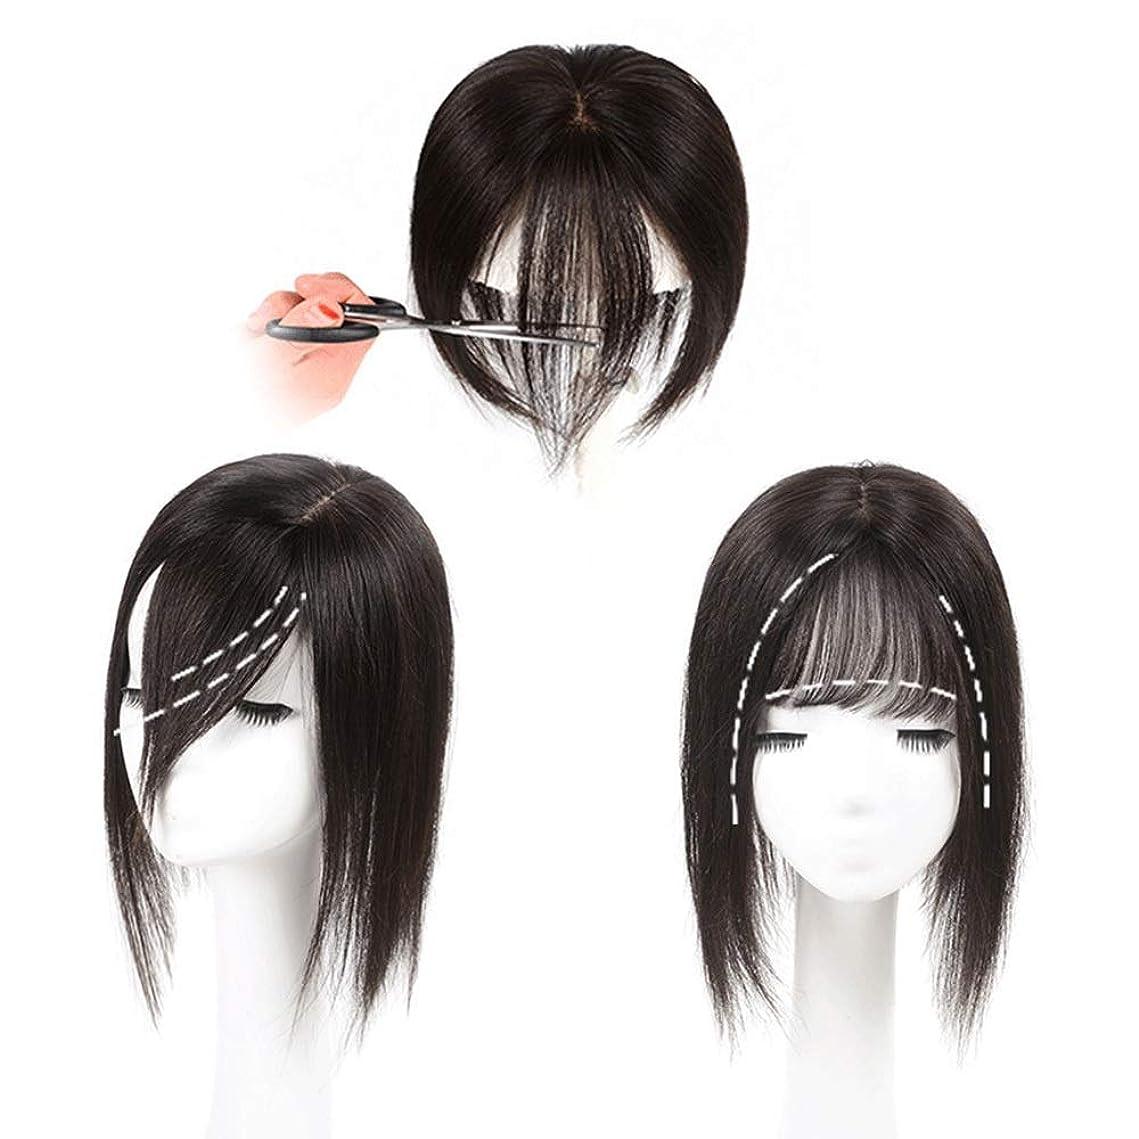 武装解除腹痛横向きHOHYLLYA フルハンド織物リアルヘアロングストレートヘア女性のための追加の見えないシームレスなかつらヘアピースファッションかつら (色 : [7x10] 17cm black)